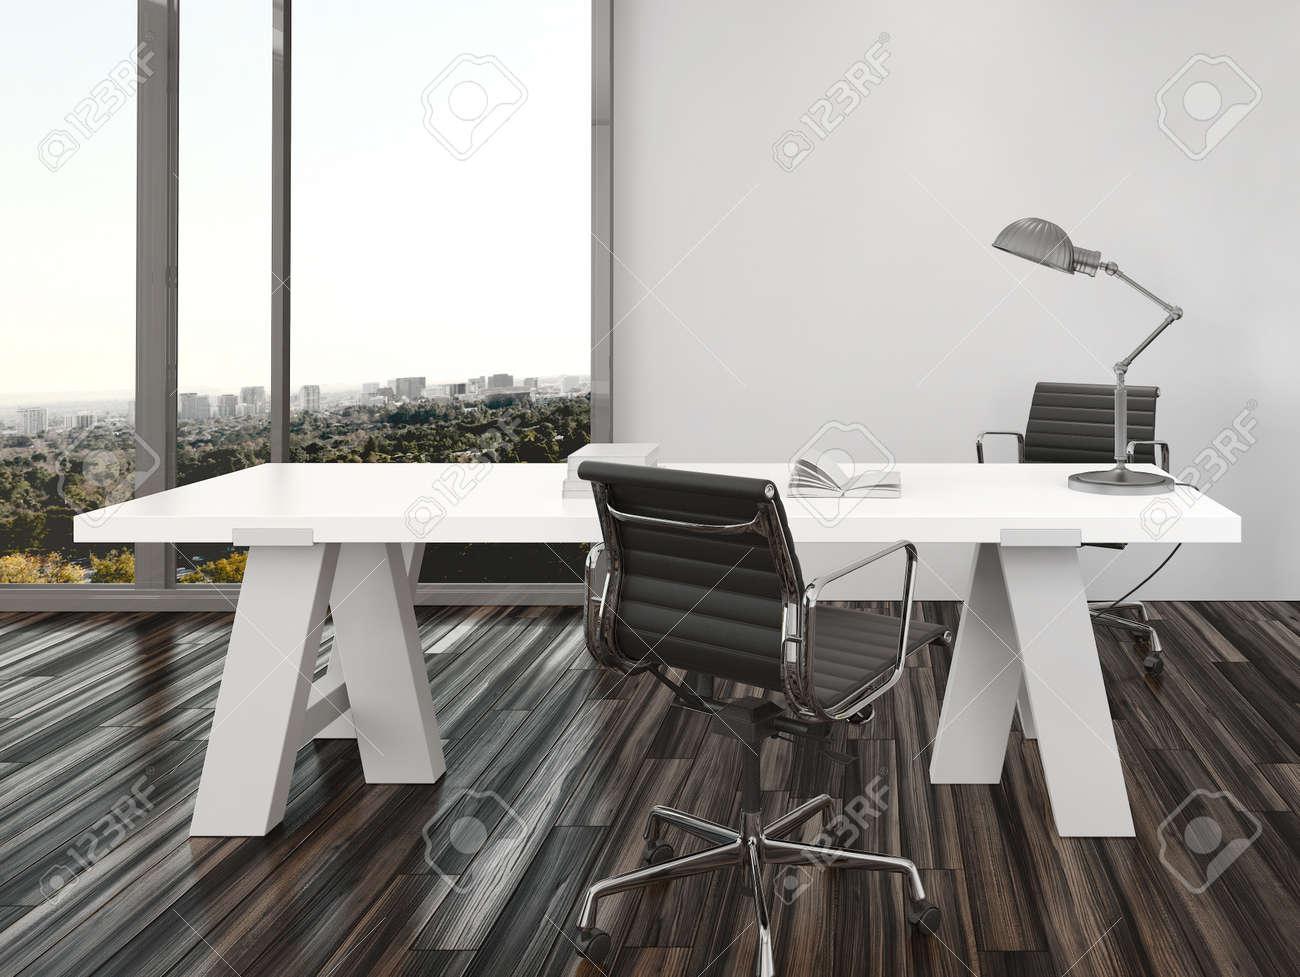 Disegno home office interior moderno con due sedie da ufficio su ...